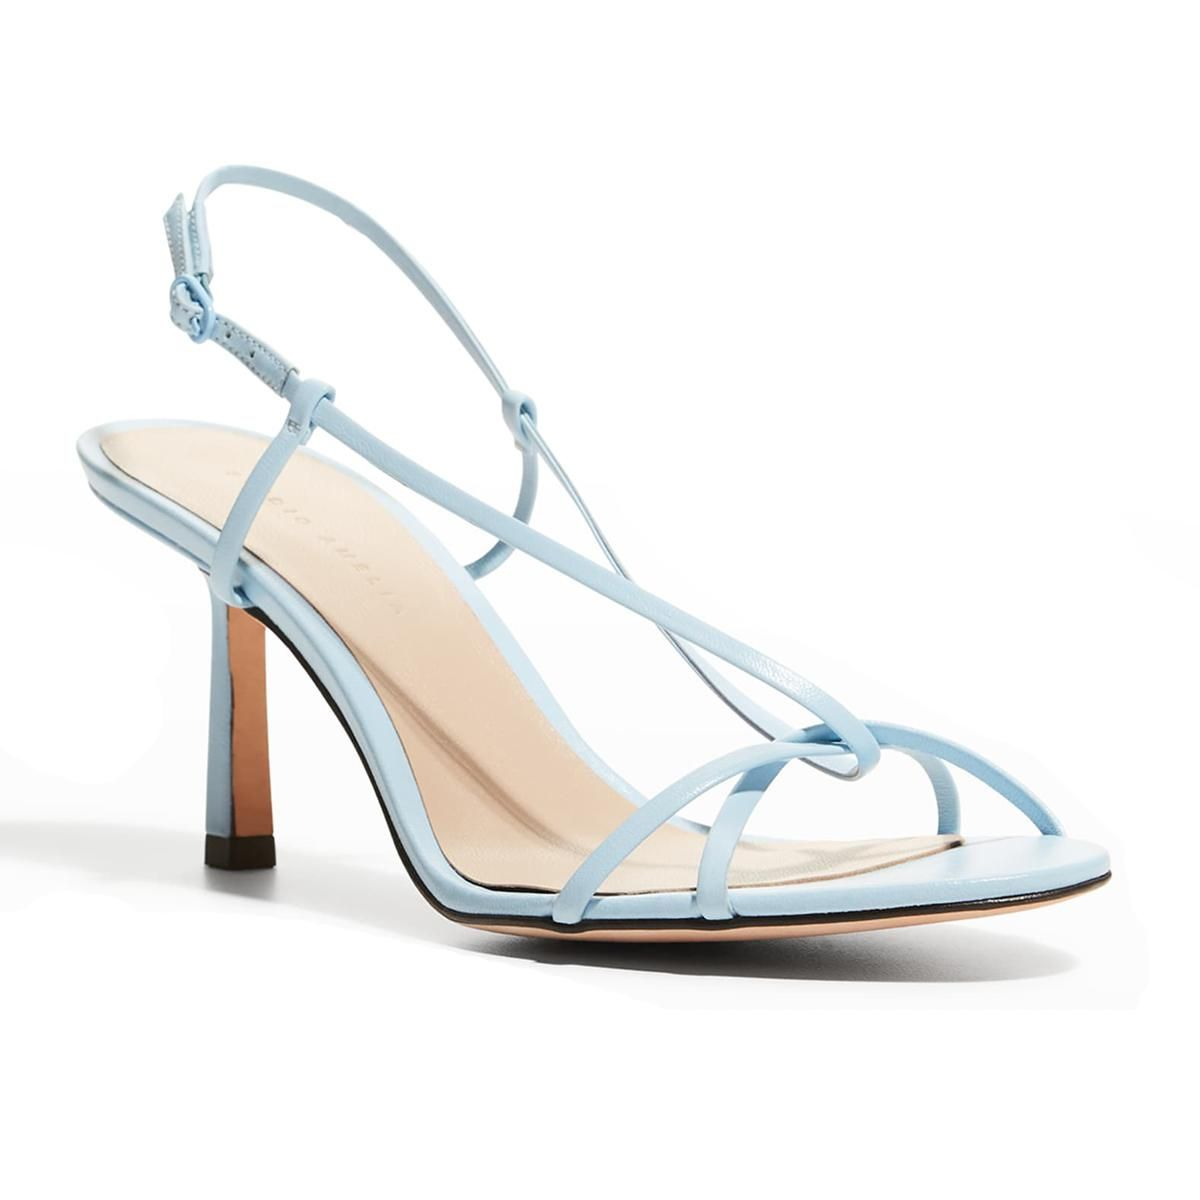 studio amelia entwined 70mm heeled sandals